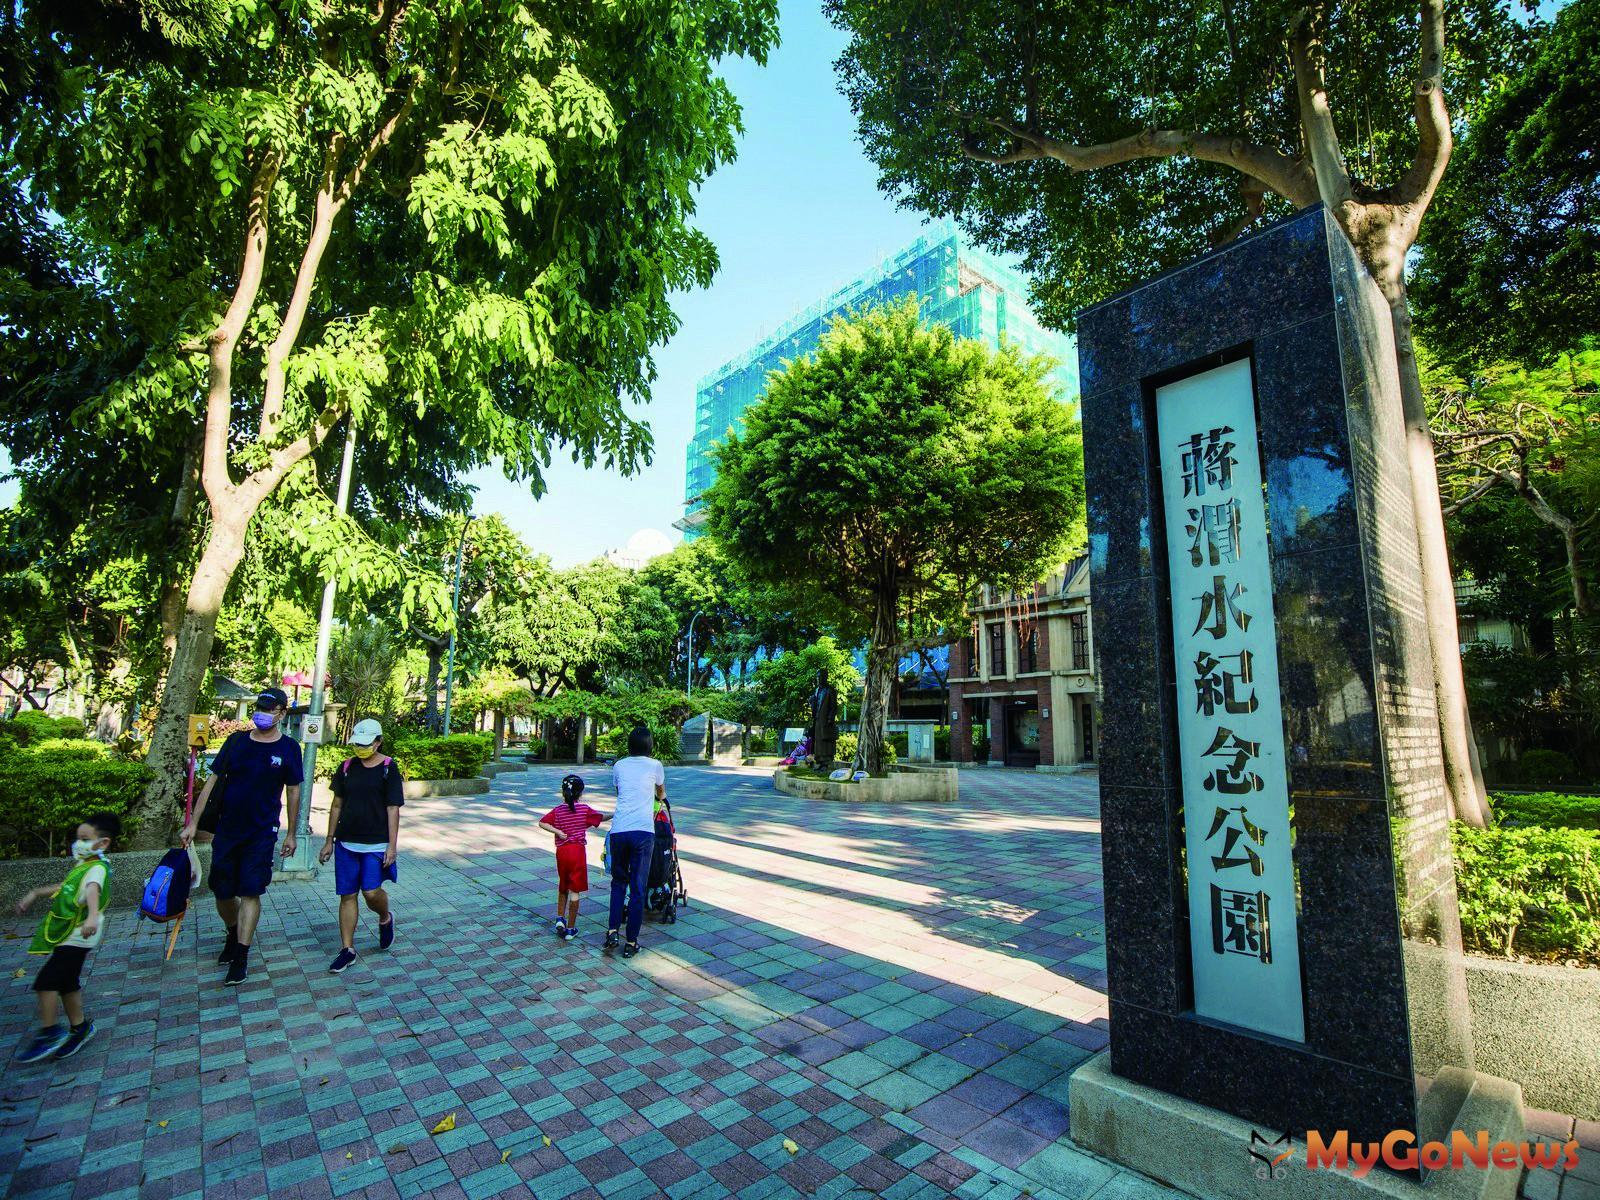 慕樺行銷執行副總經理賴慶中表示,「城心曜曜」是承德大道旁、「千坪地、萬坪綠」的居住環境。 MyGoNews房地產新聞 熱銷推案